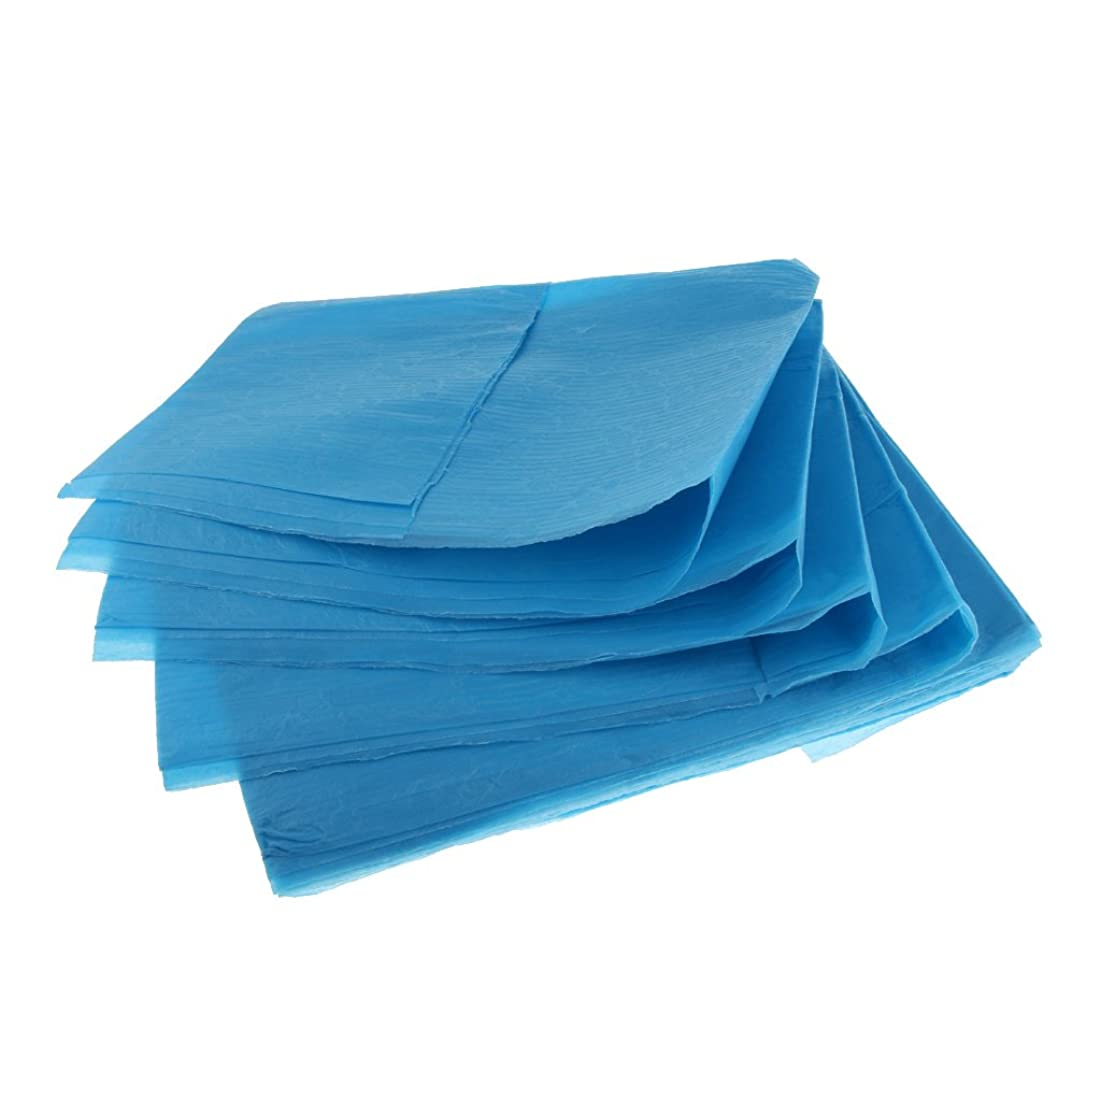 銅なぜなら死の顎10枚 使い捨て ベッドシーツ ベッドパッド カバー 妊産婦 生理期間 スキンケア 美容院 サロン ホテル 2色選べ - 青